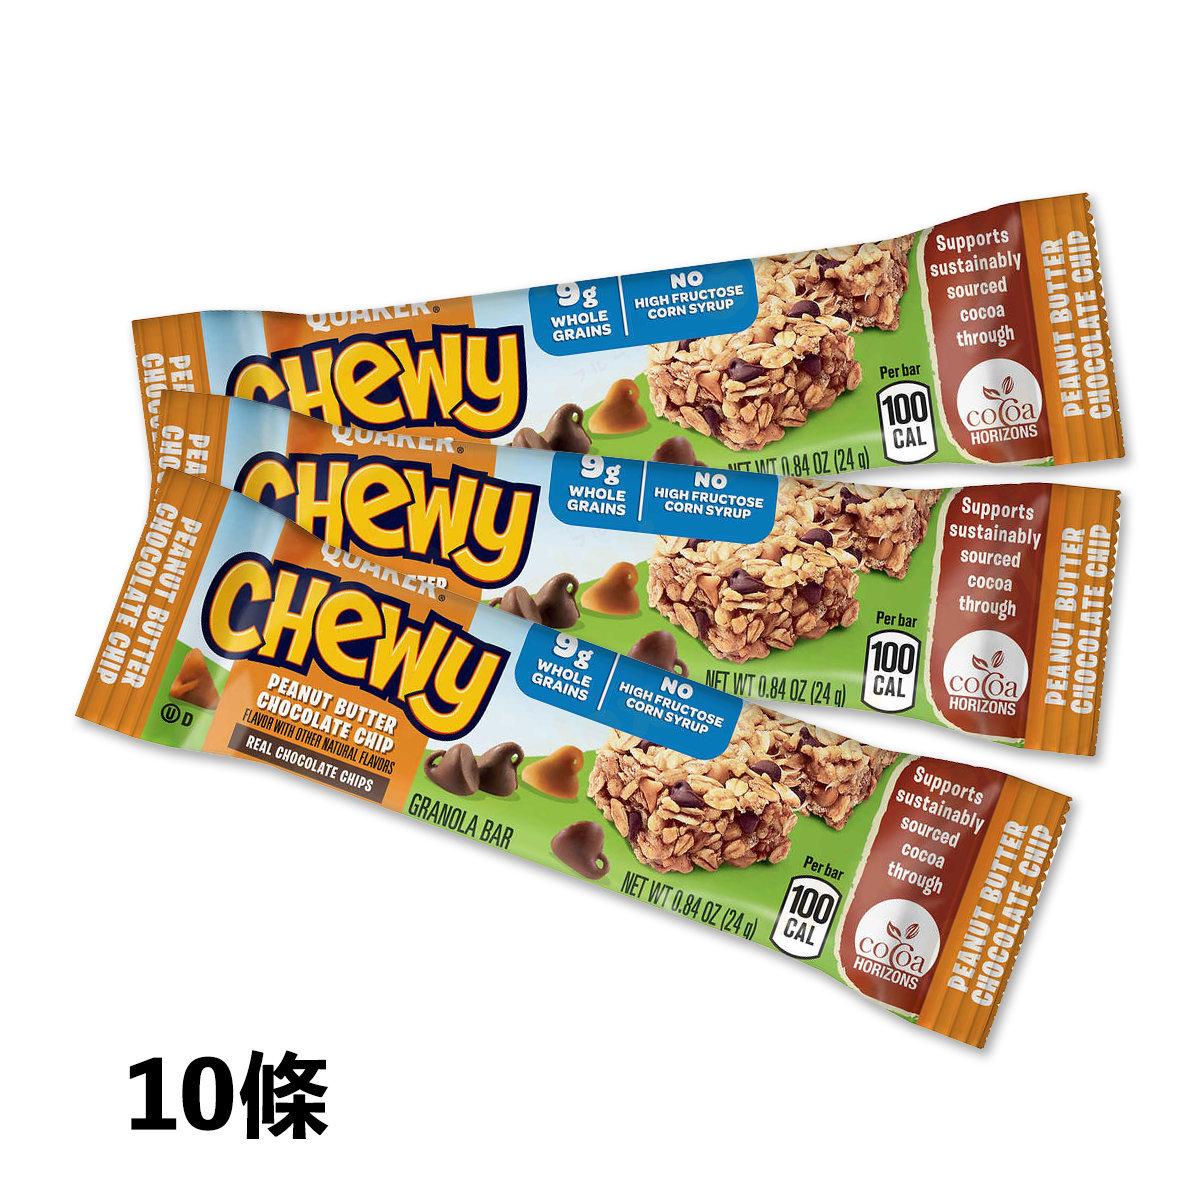 桂格 Chewy 穀麥棒 10條裝 (朱古力碎粒及花生口味)